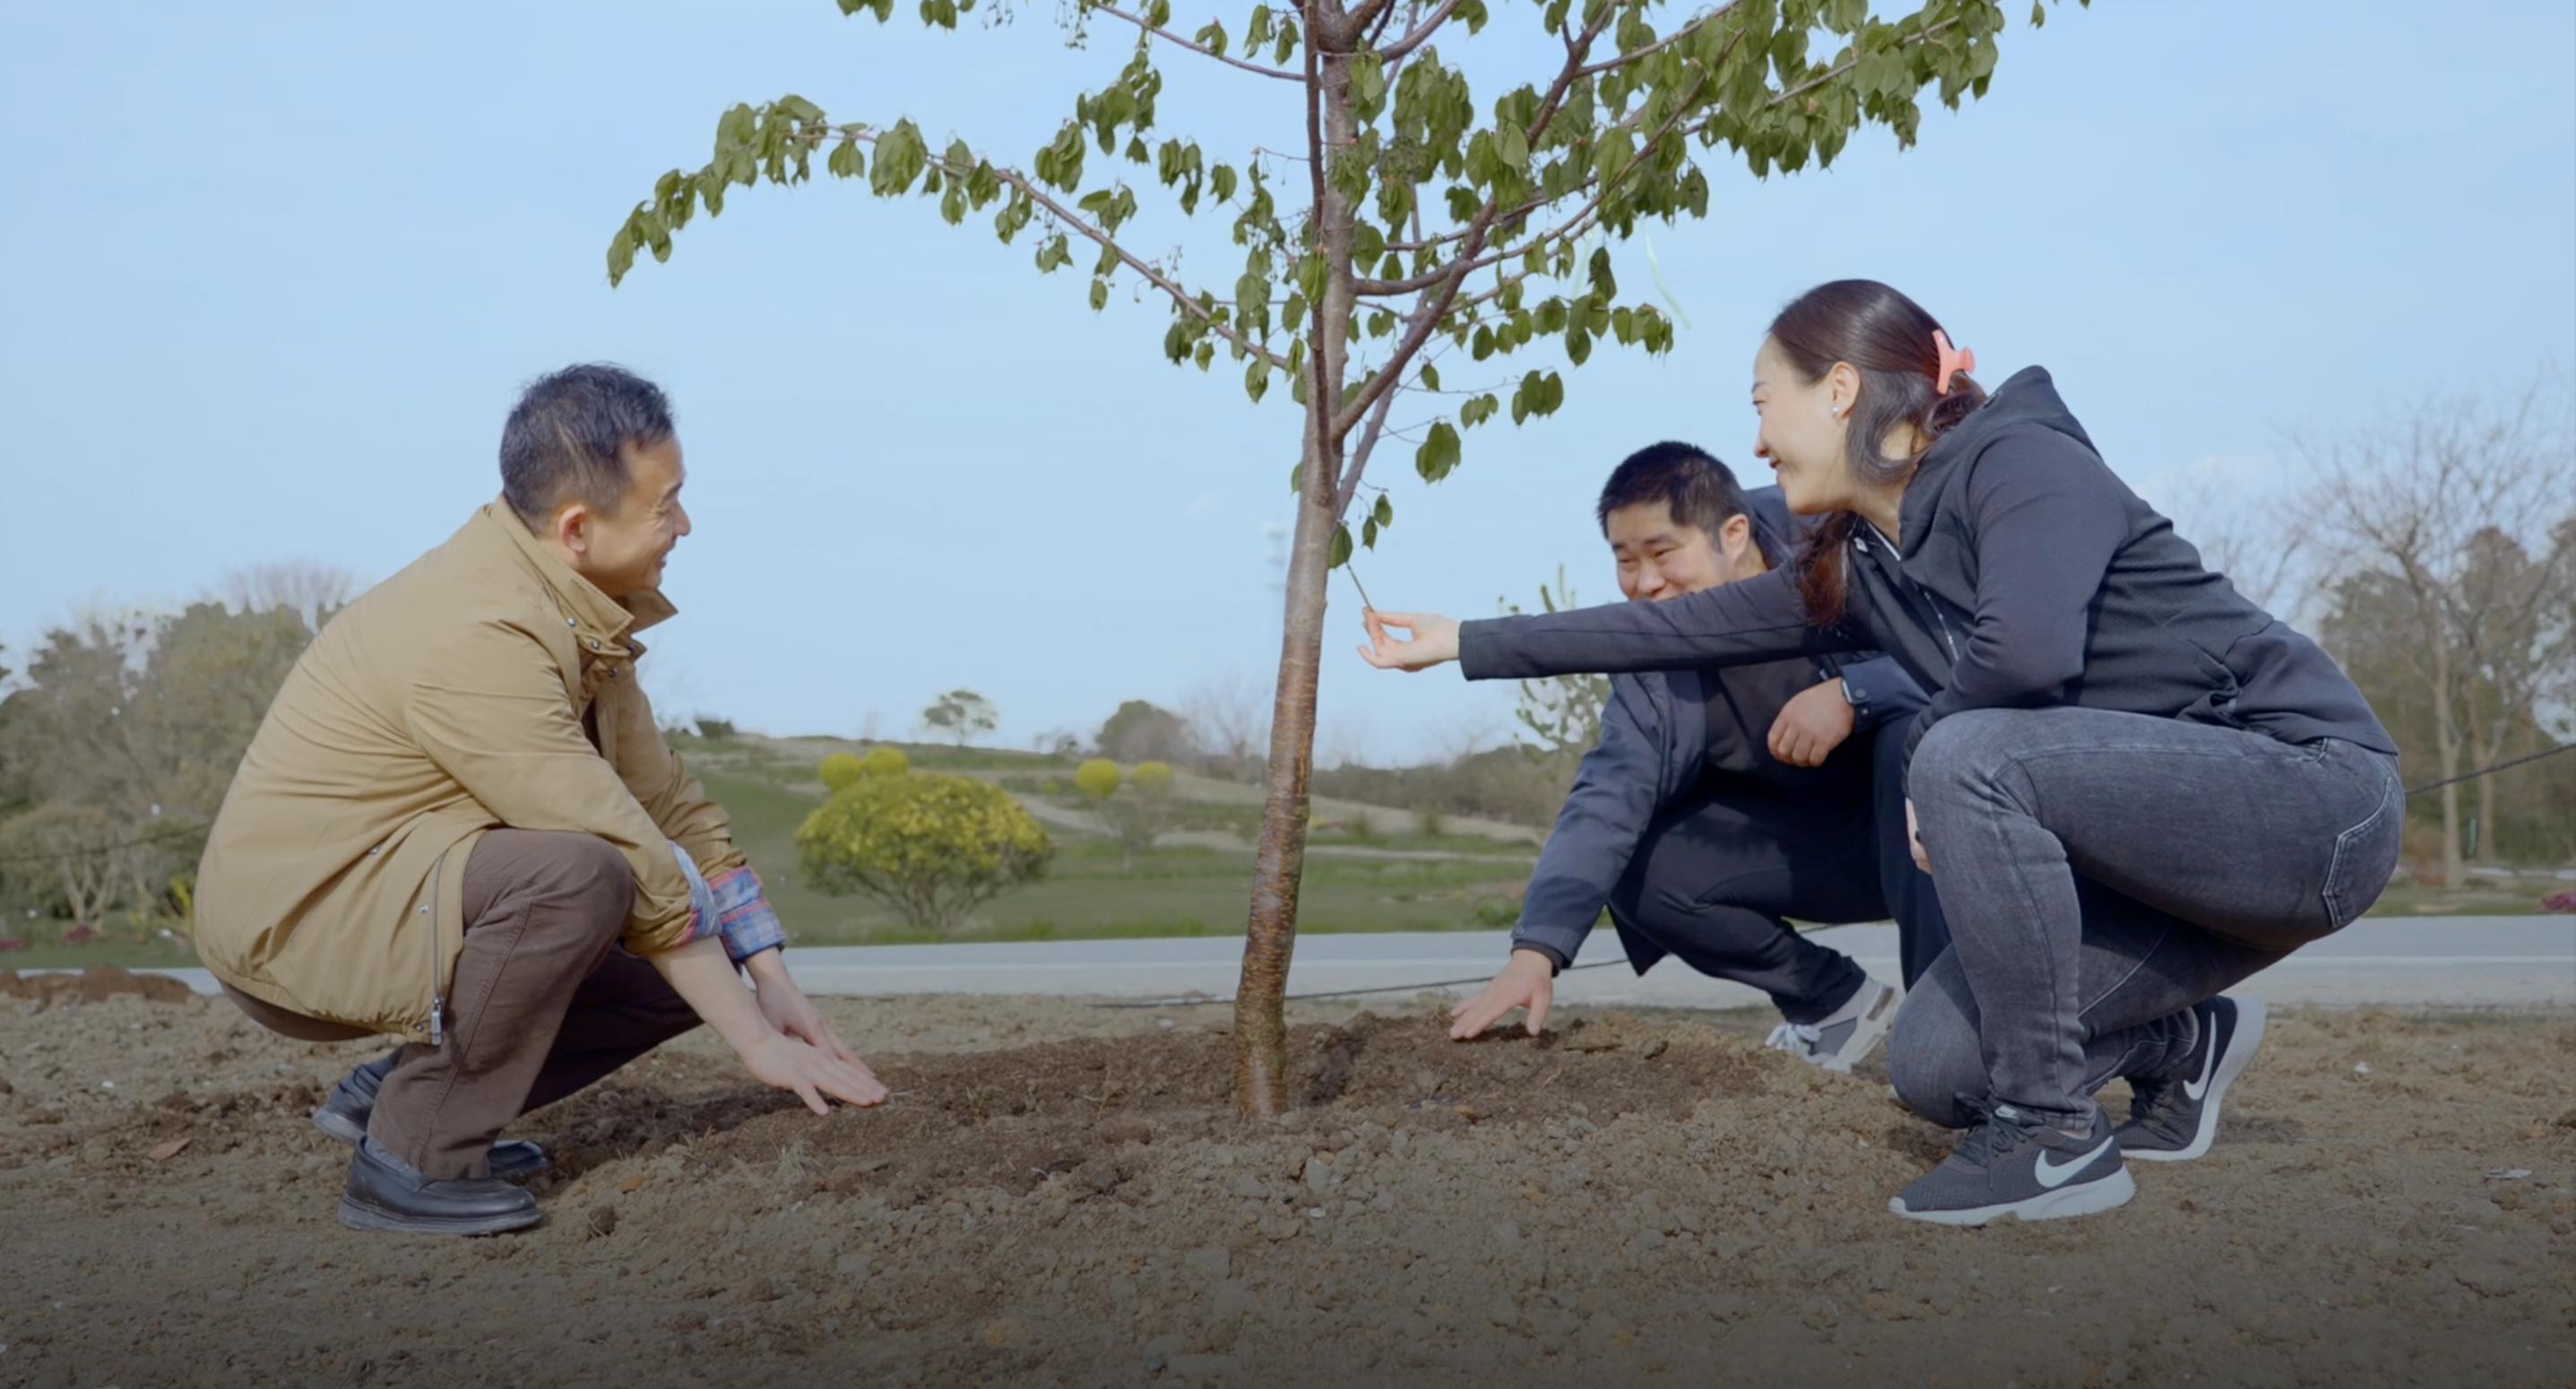 上海辰山植物园内,罗哲、刘凯、徐璟共种樱花树